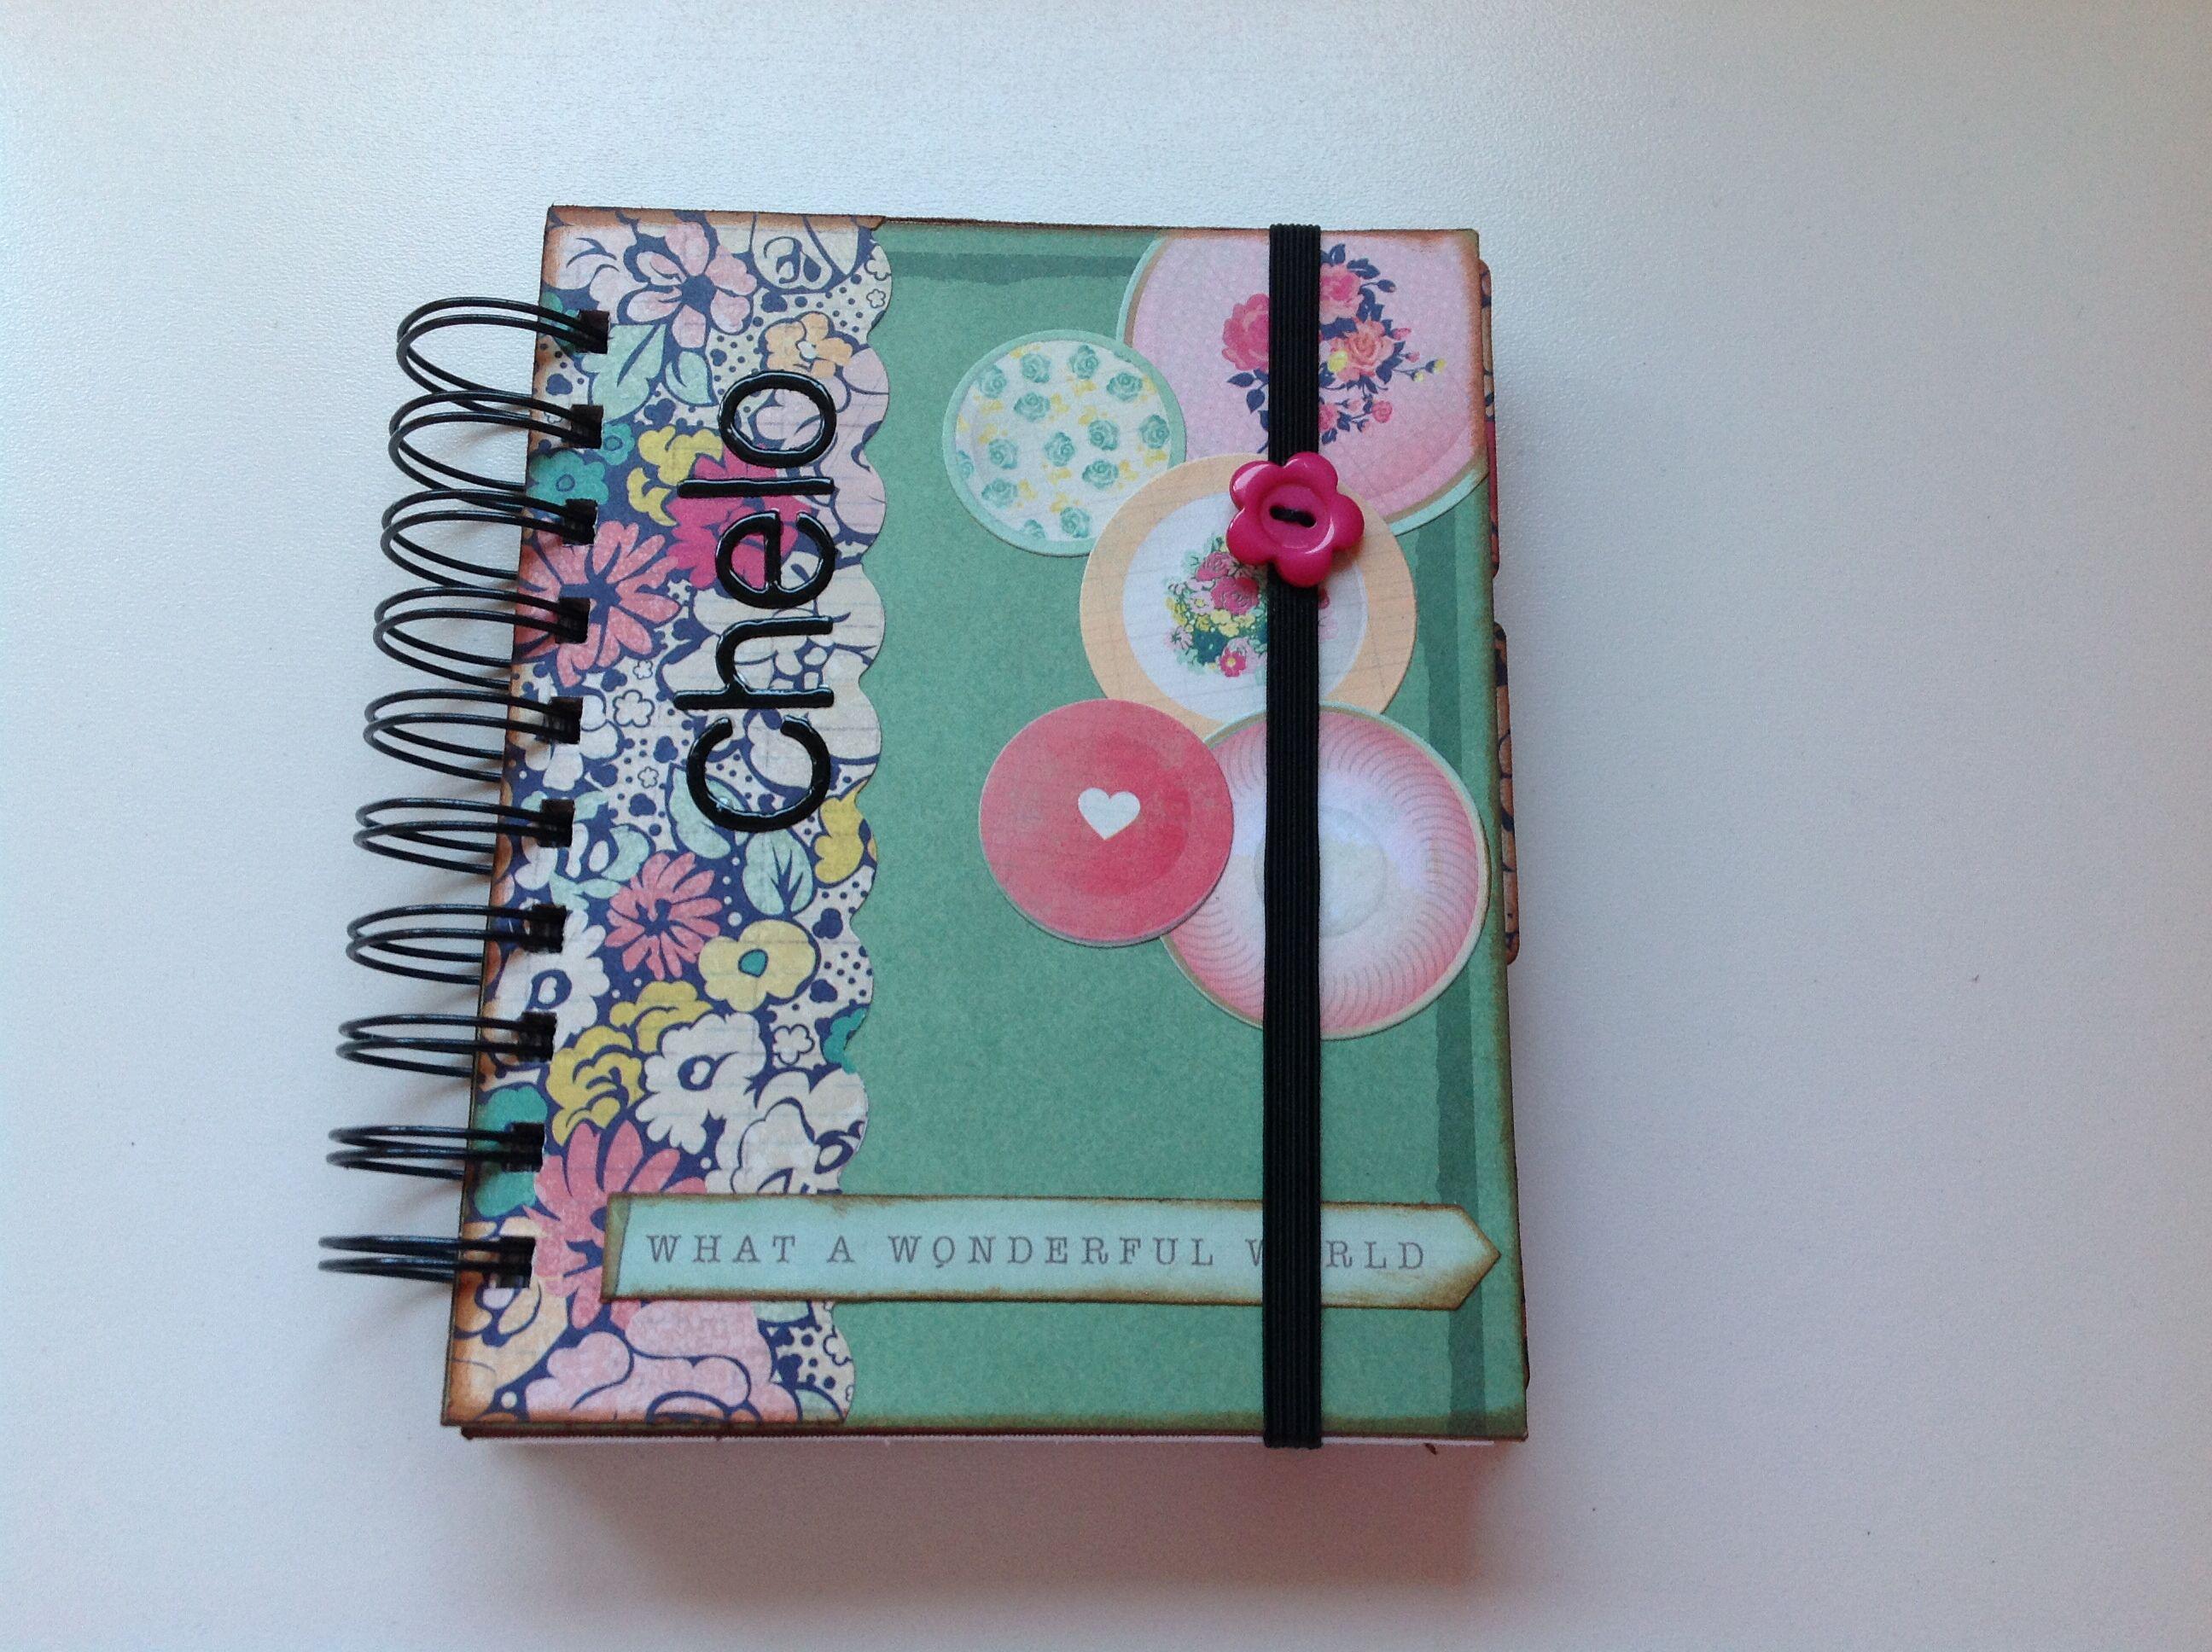 Portadas Para Decorar Cuadernos Libretas Y Agendas: Libretas, Cuadernos,agendas Decorados